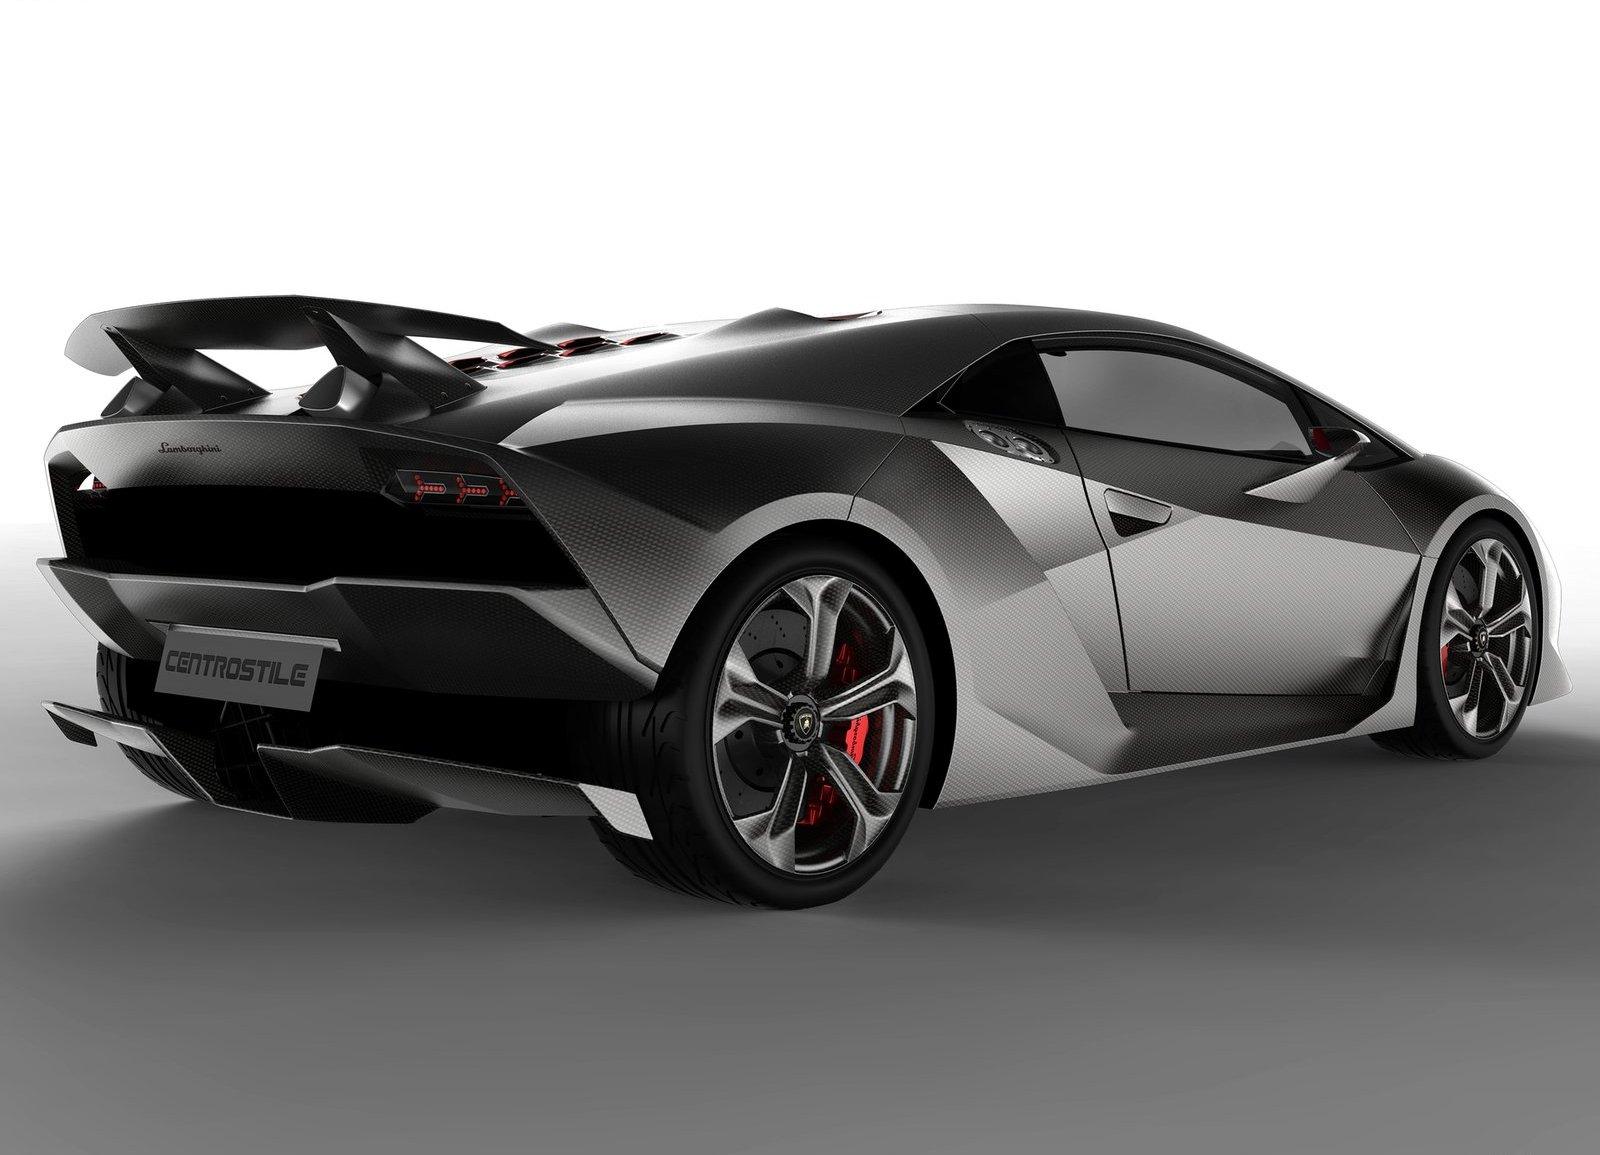 Lamborghini Sesto Elemento Concept 2010 (Paris Motor Show) 2